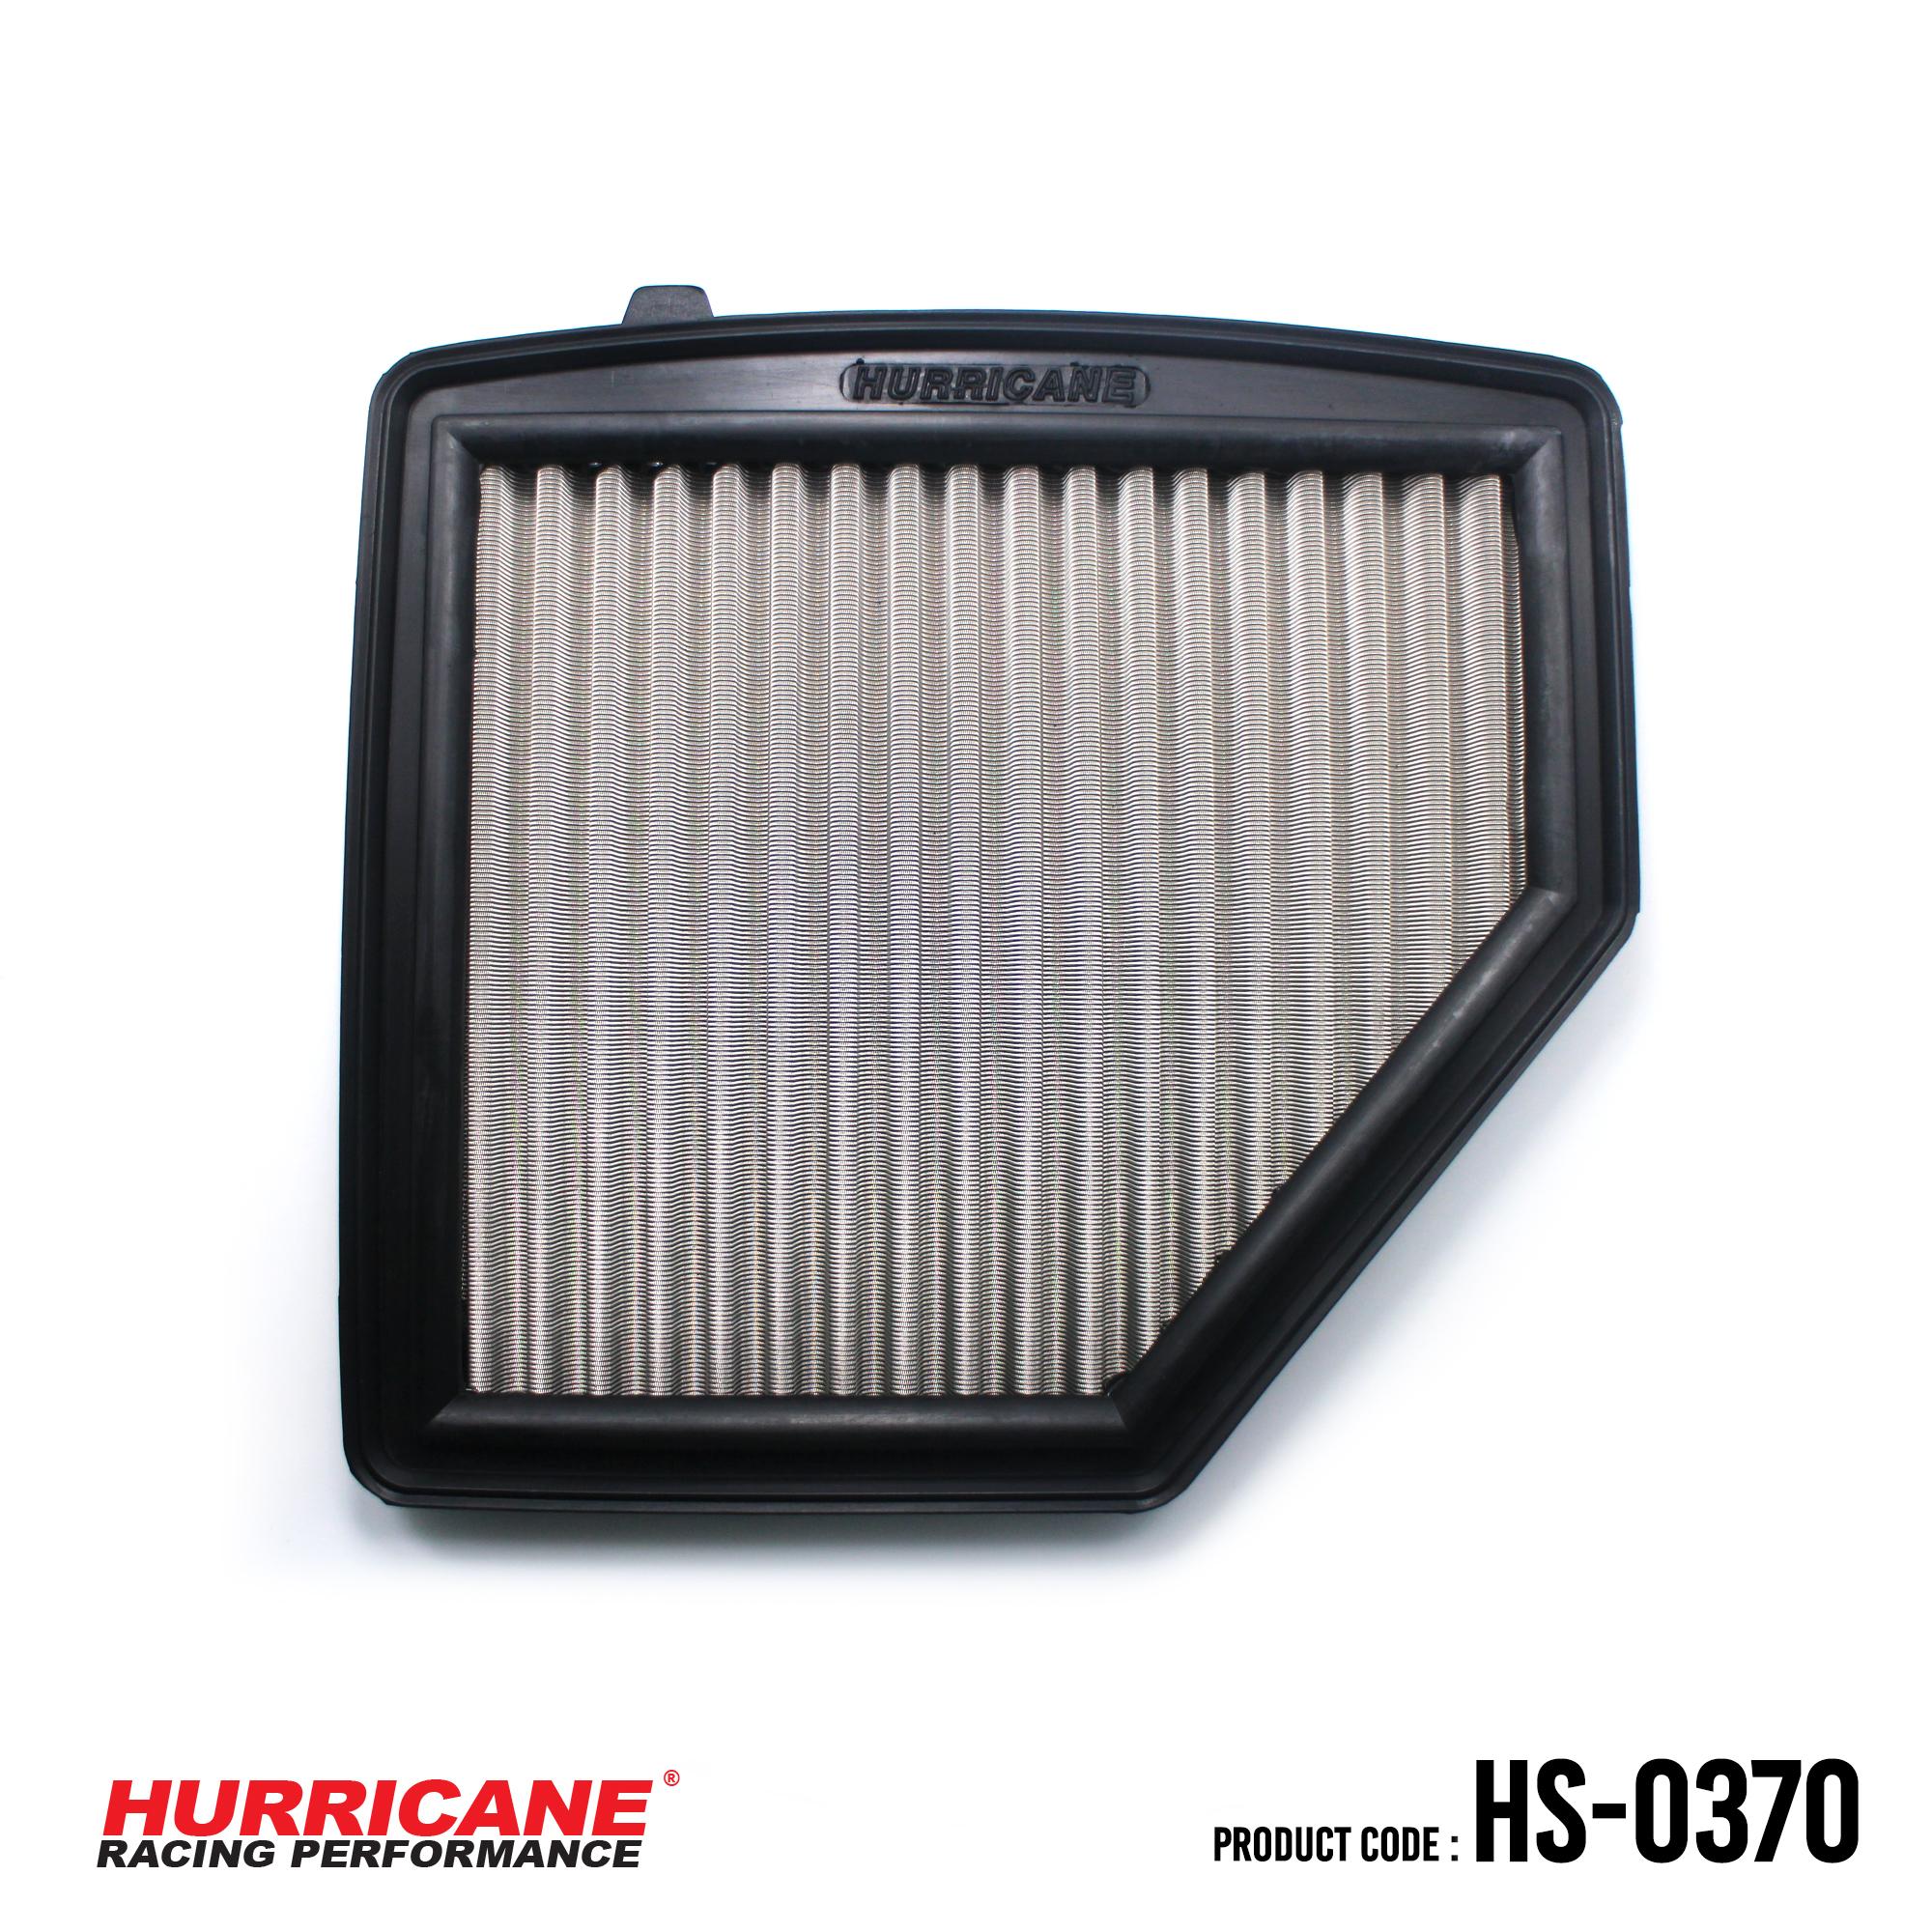 HURRICANE STAINLESS STEEL AIR FILTER FOR HS-0370 Honda